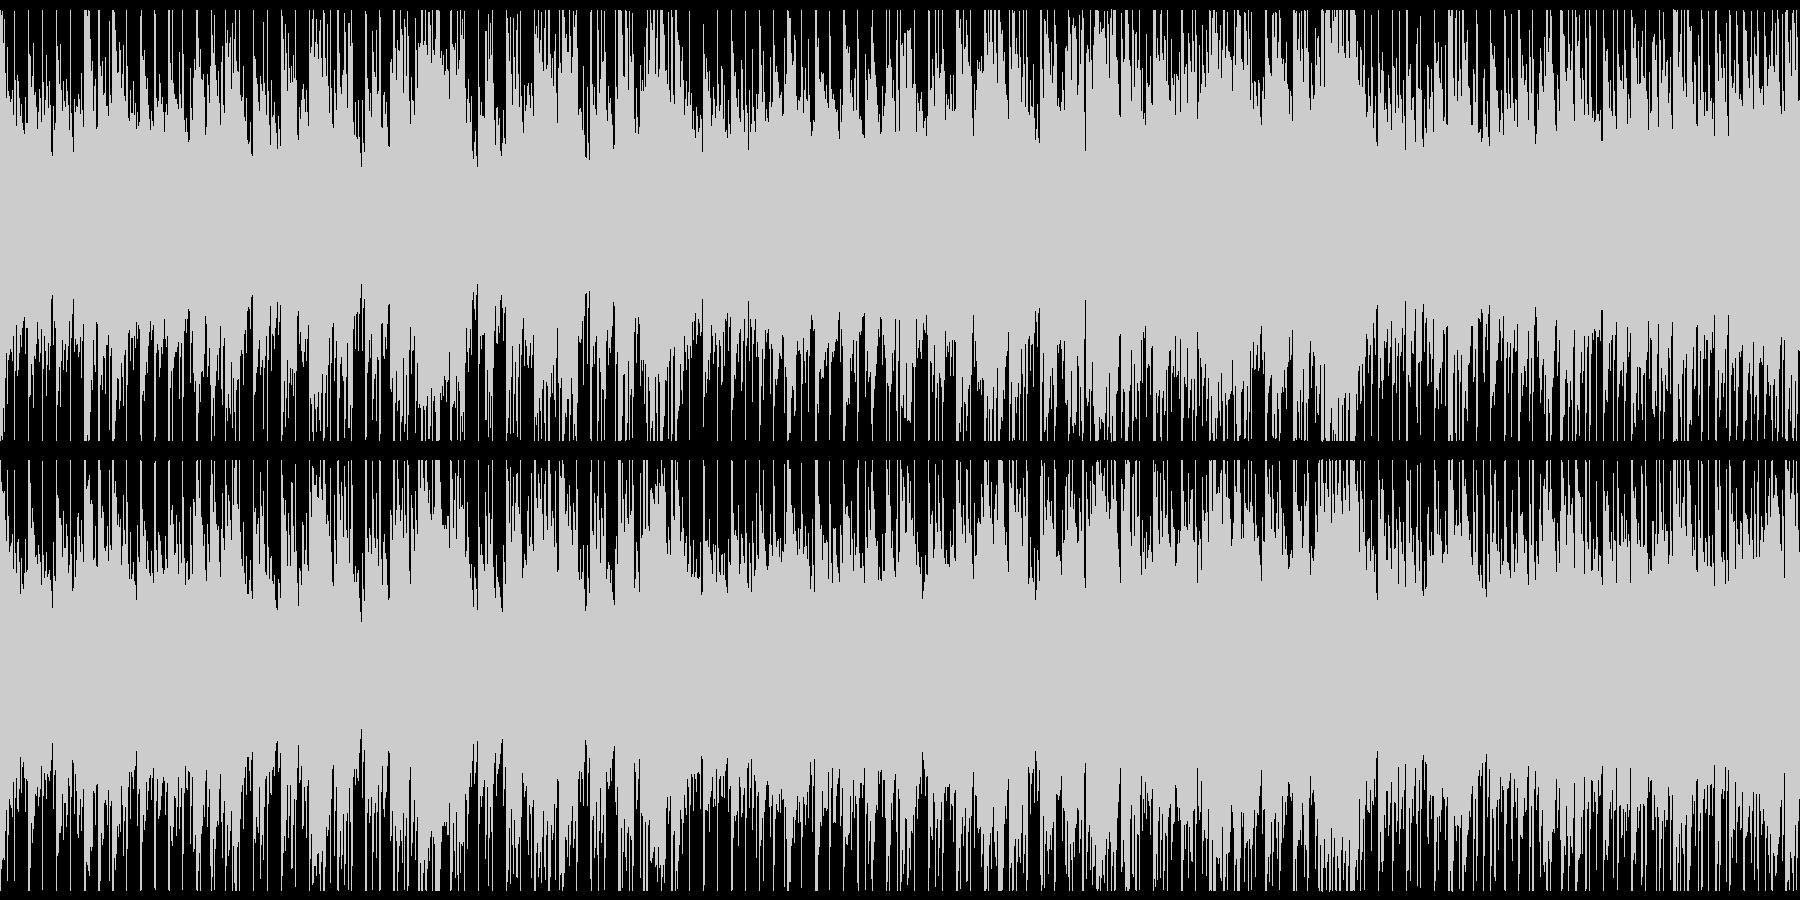 哀愁・どこか物悲しいイメージのBGMの未再生の波形